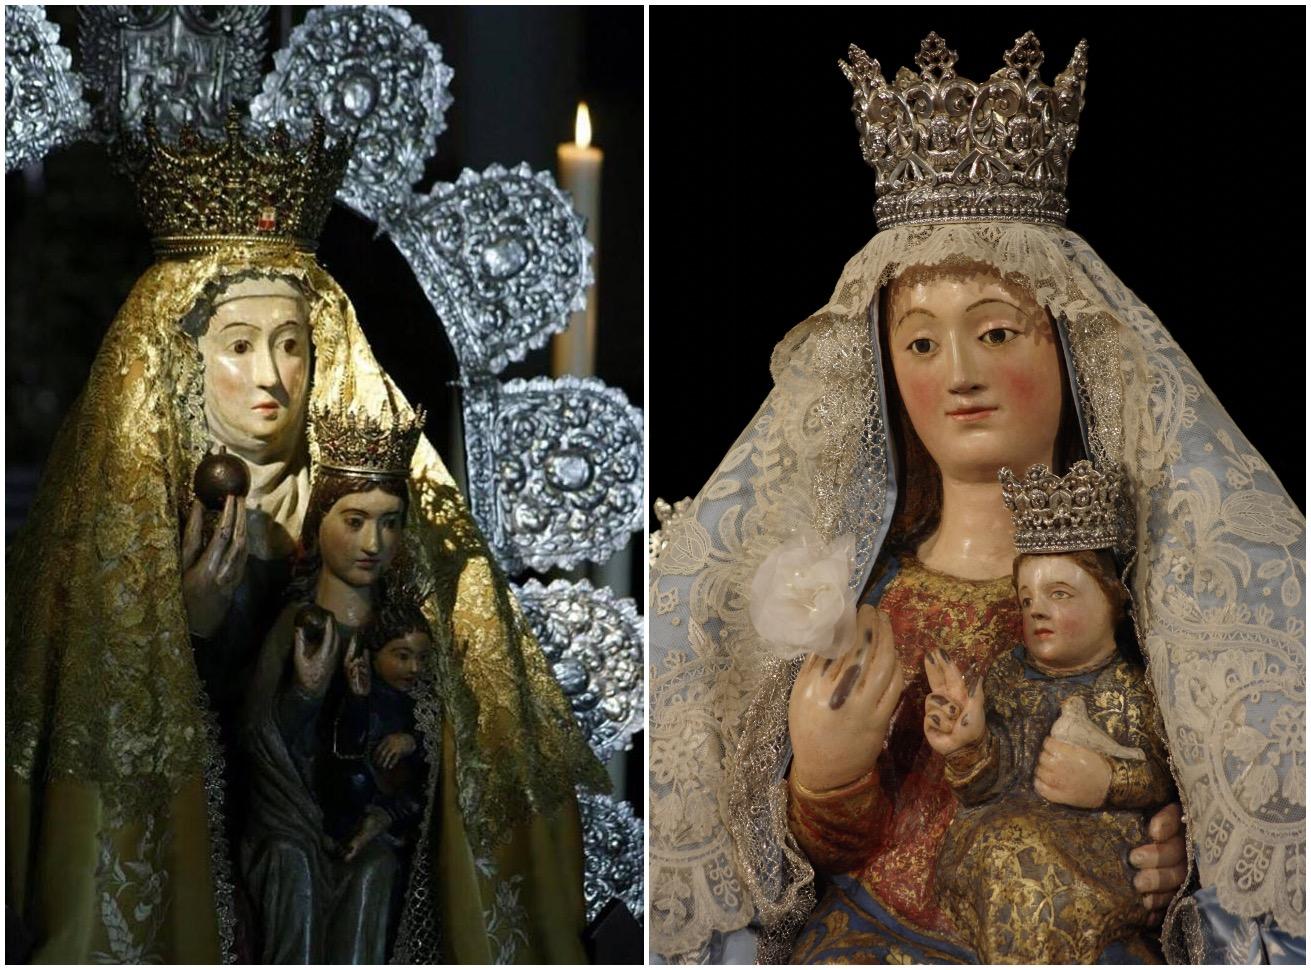 La conmemoración del 150 aniversario de la venida de la Virgen de Valme a Dos Hermanas comenzará con una visita a la Capilla de Santa Ana